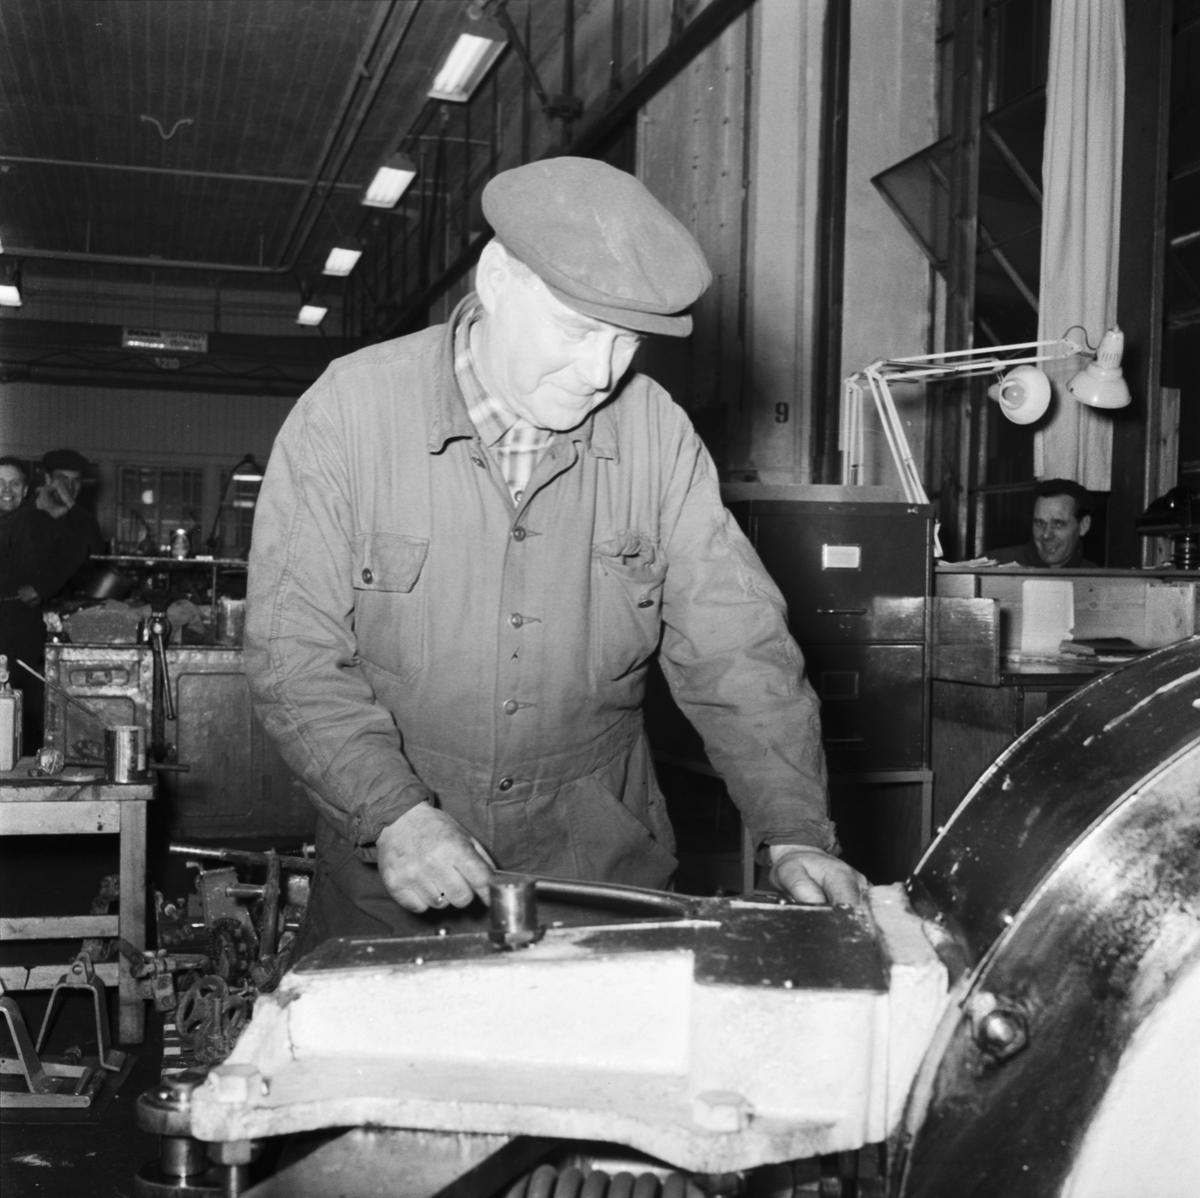 Övrigt: Foto datum: 23/12 1958 Byggnader och kranar Förtidspensionärer